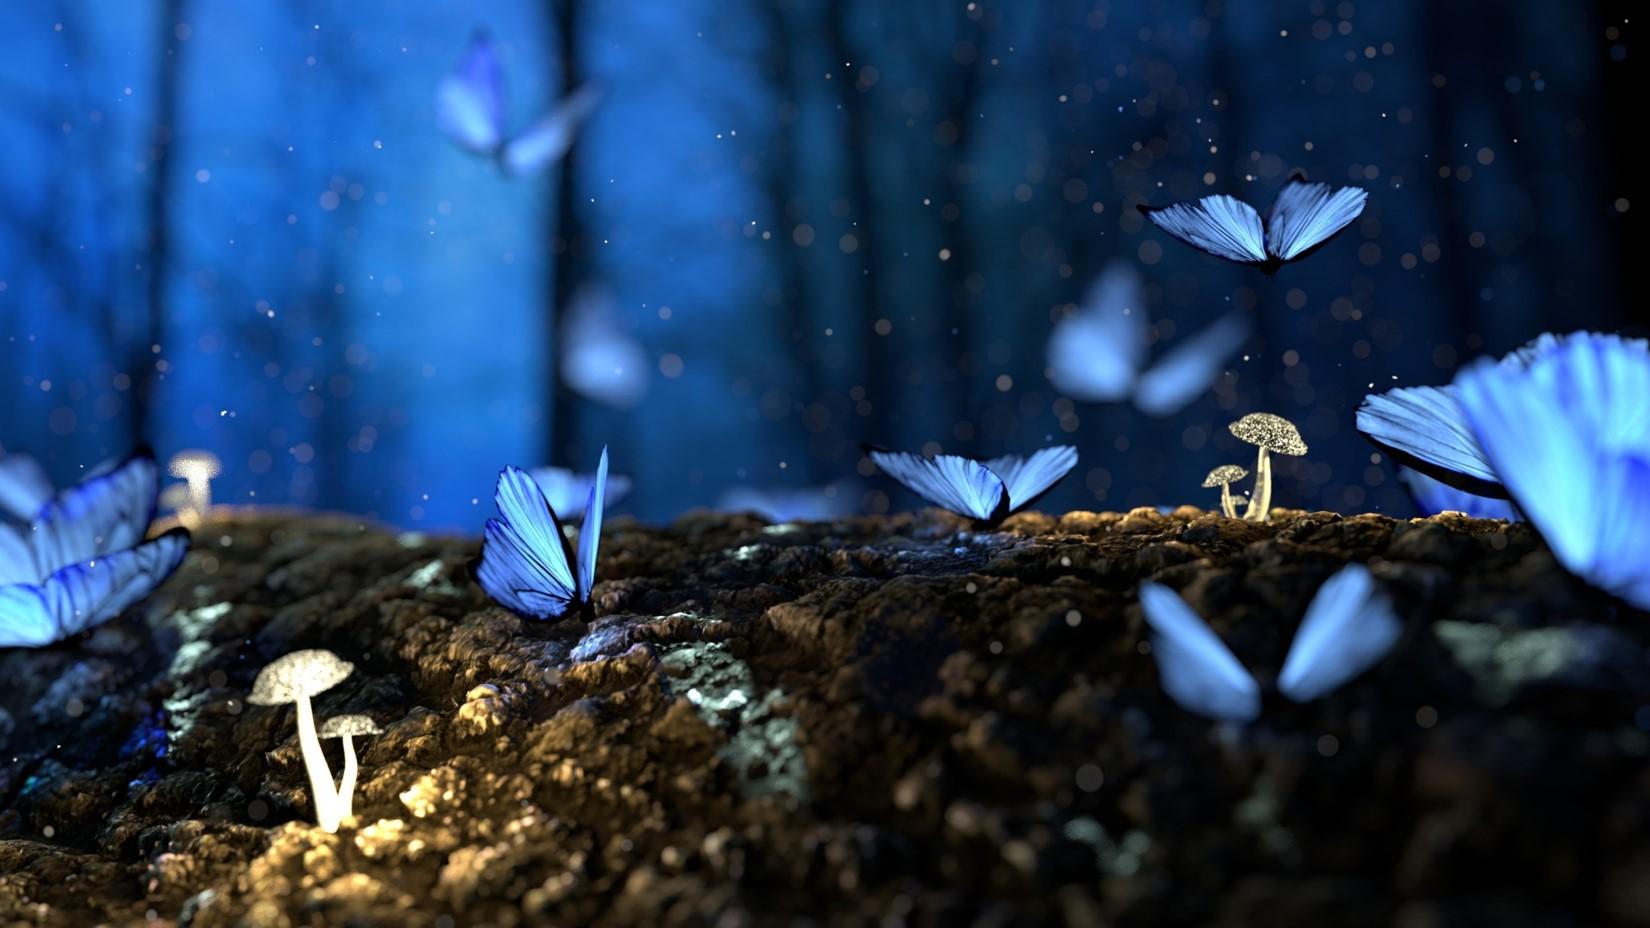 Butterflies_Pixabay compressed.jpg